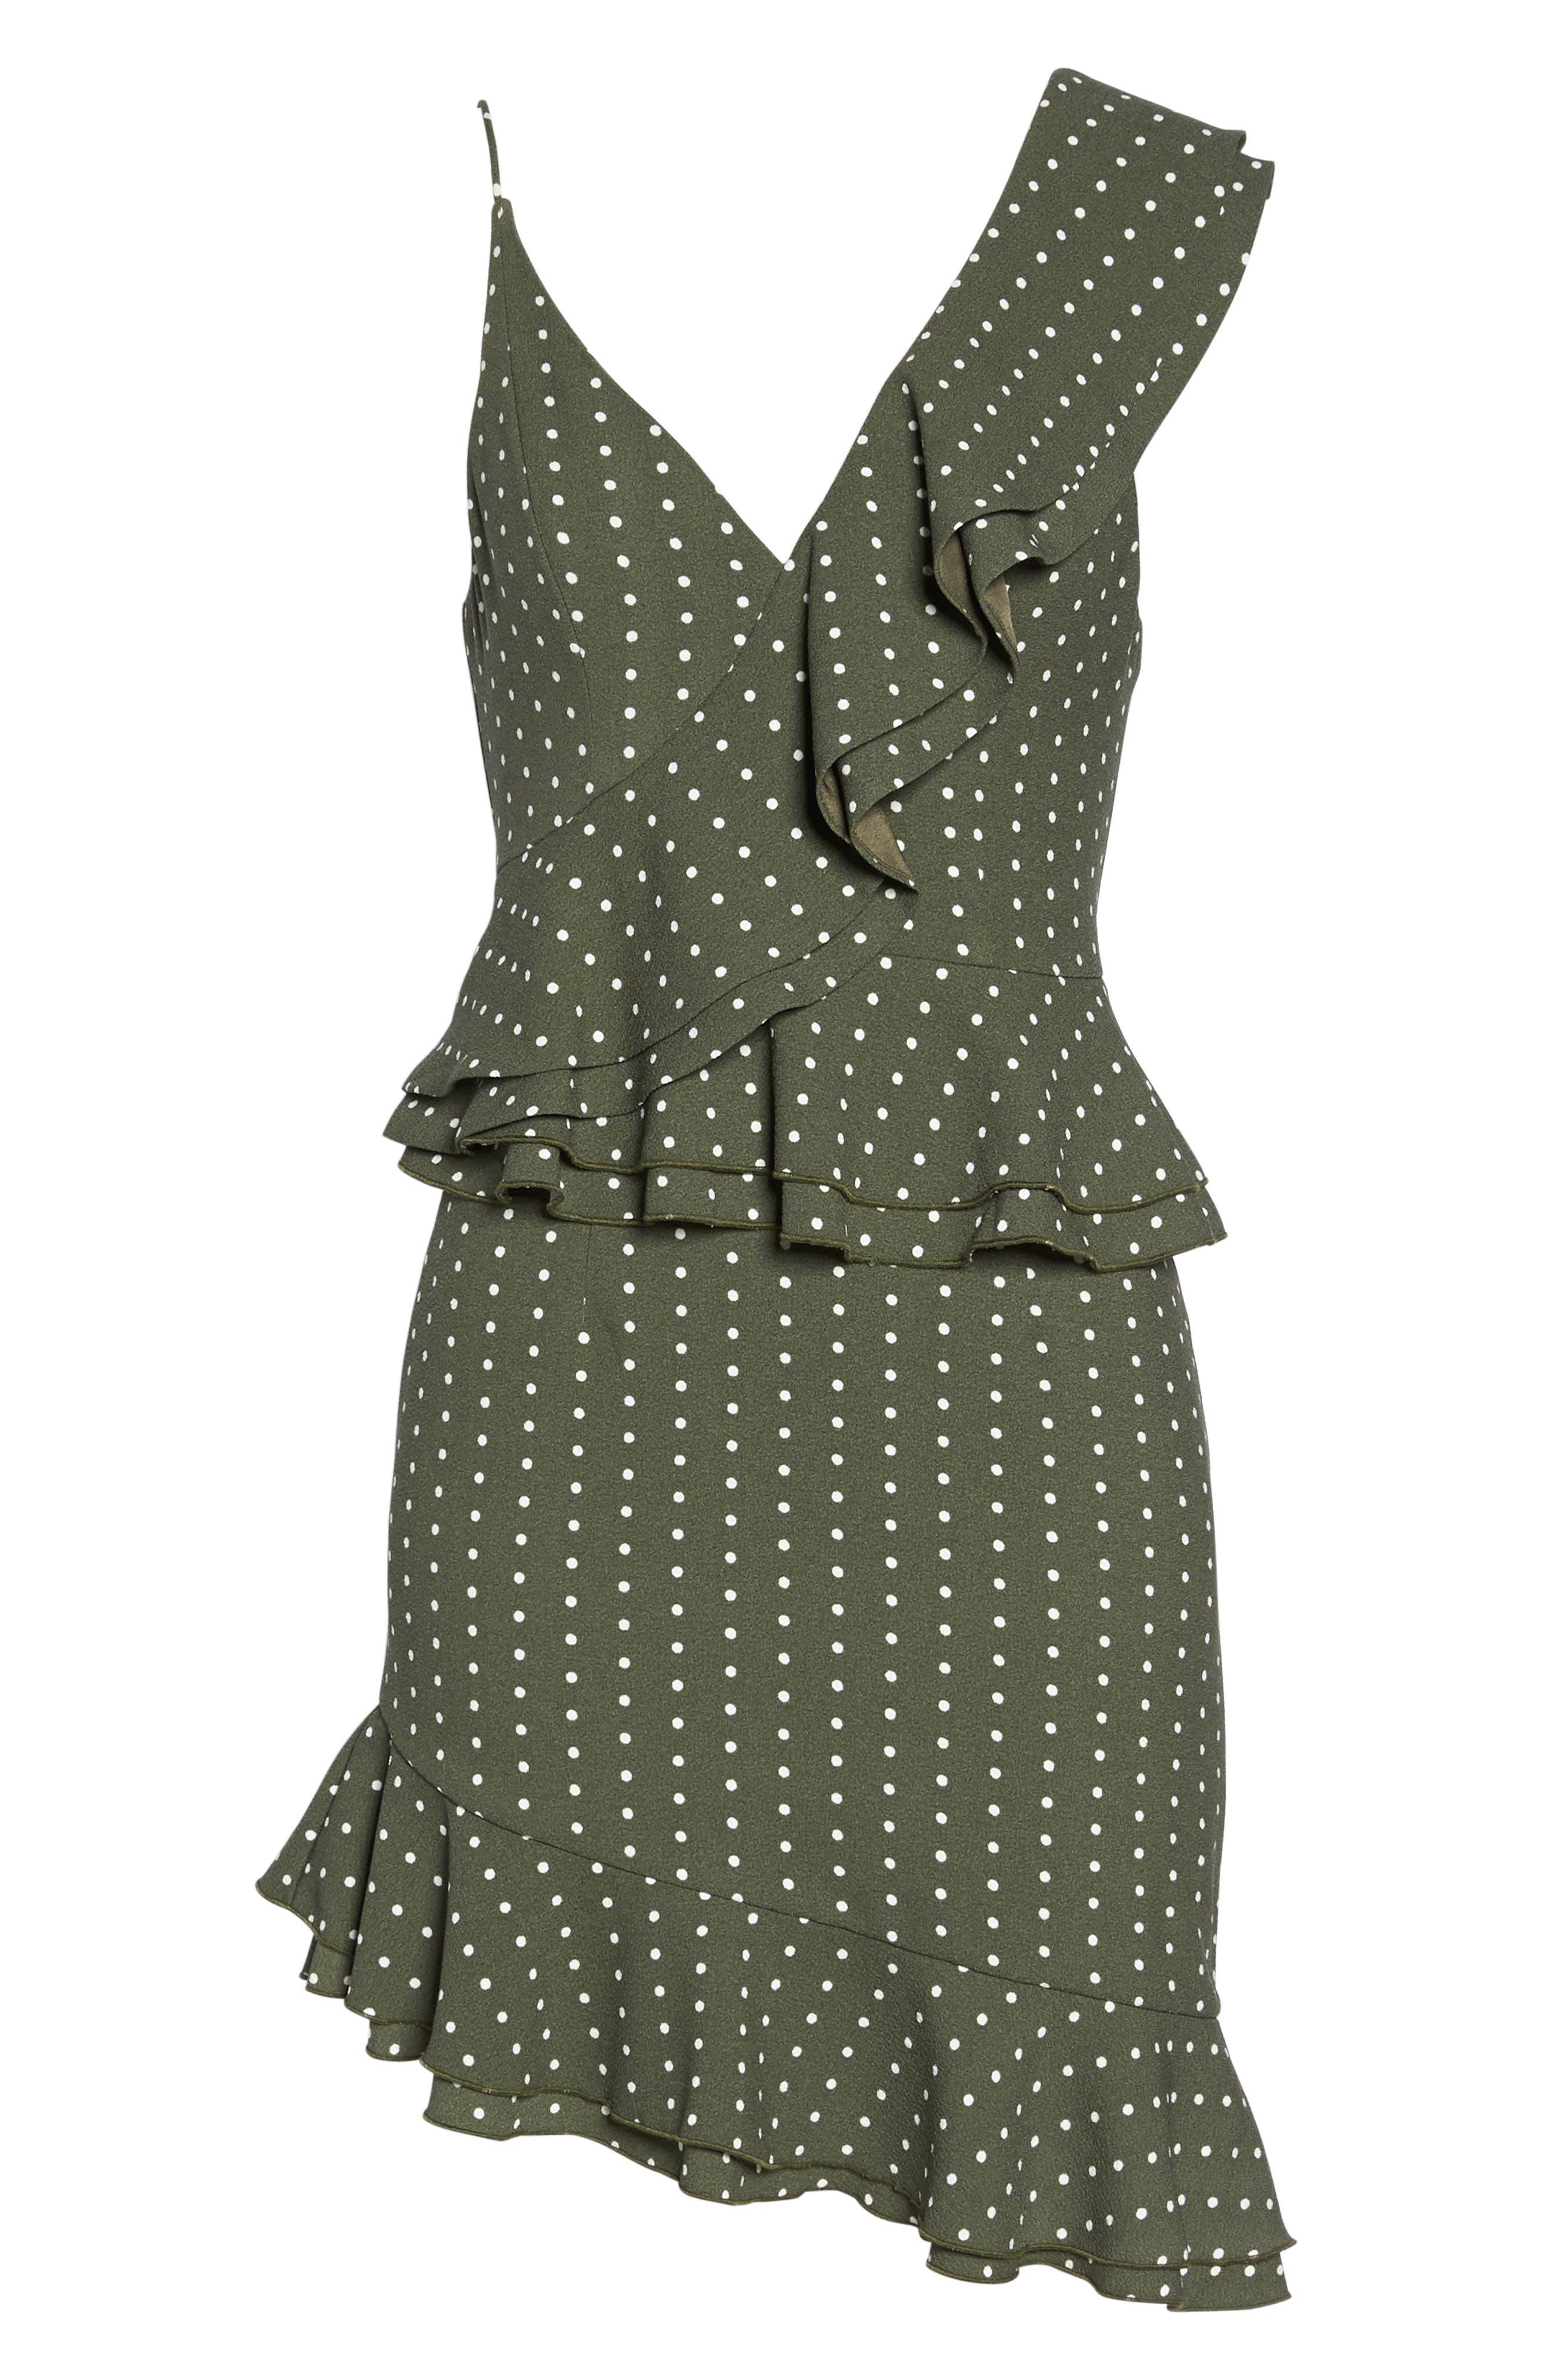 Entice Dot Ruffle Trim Dress,                             Alternate thumbnail 6, color,                             Khaki W Ivory Spot